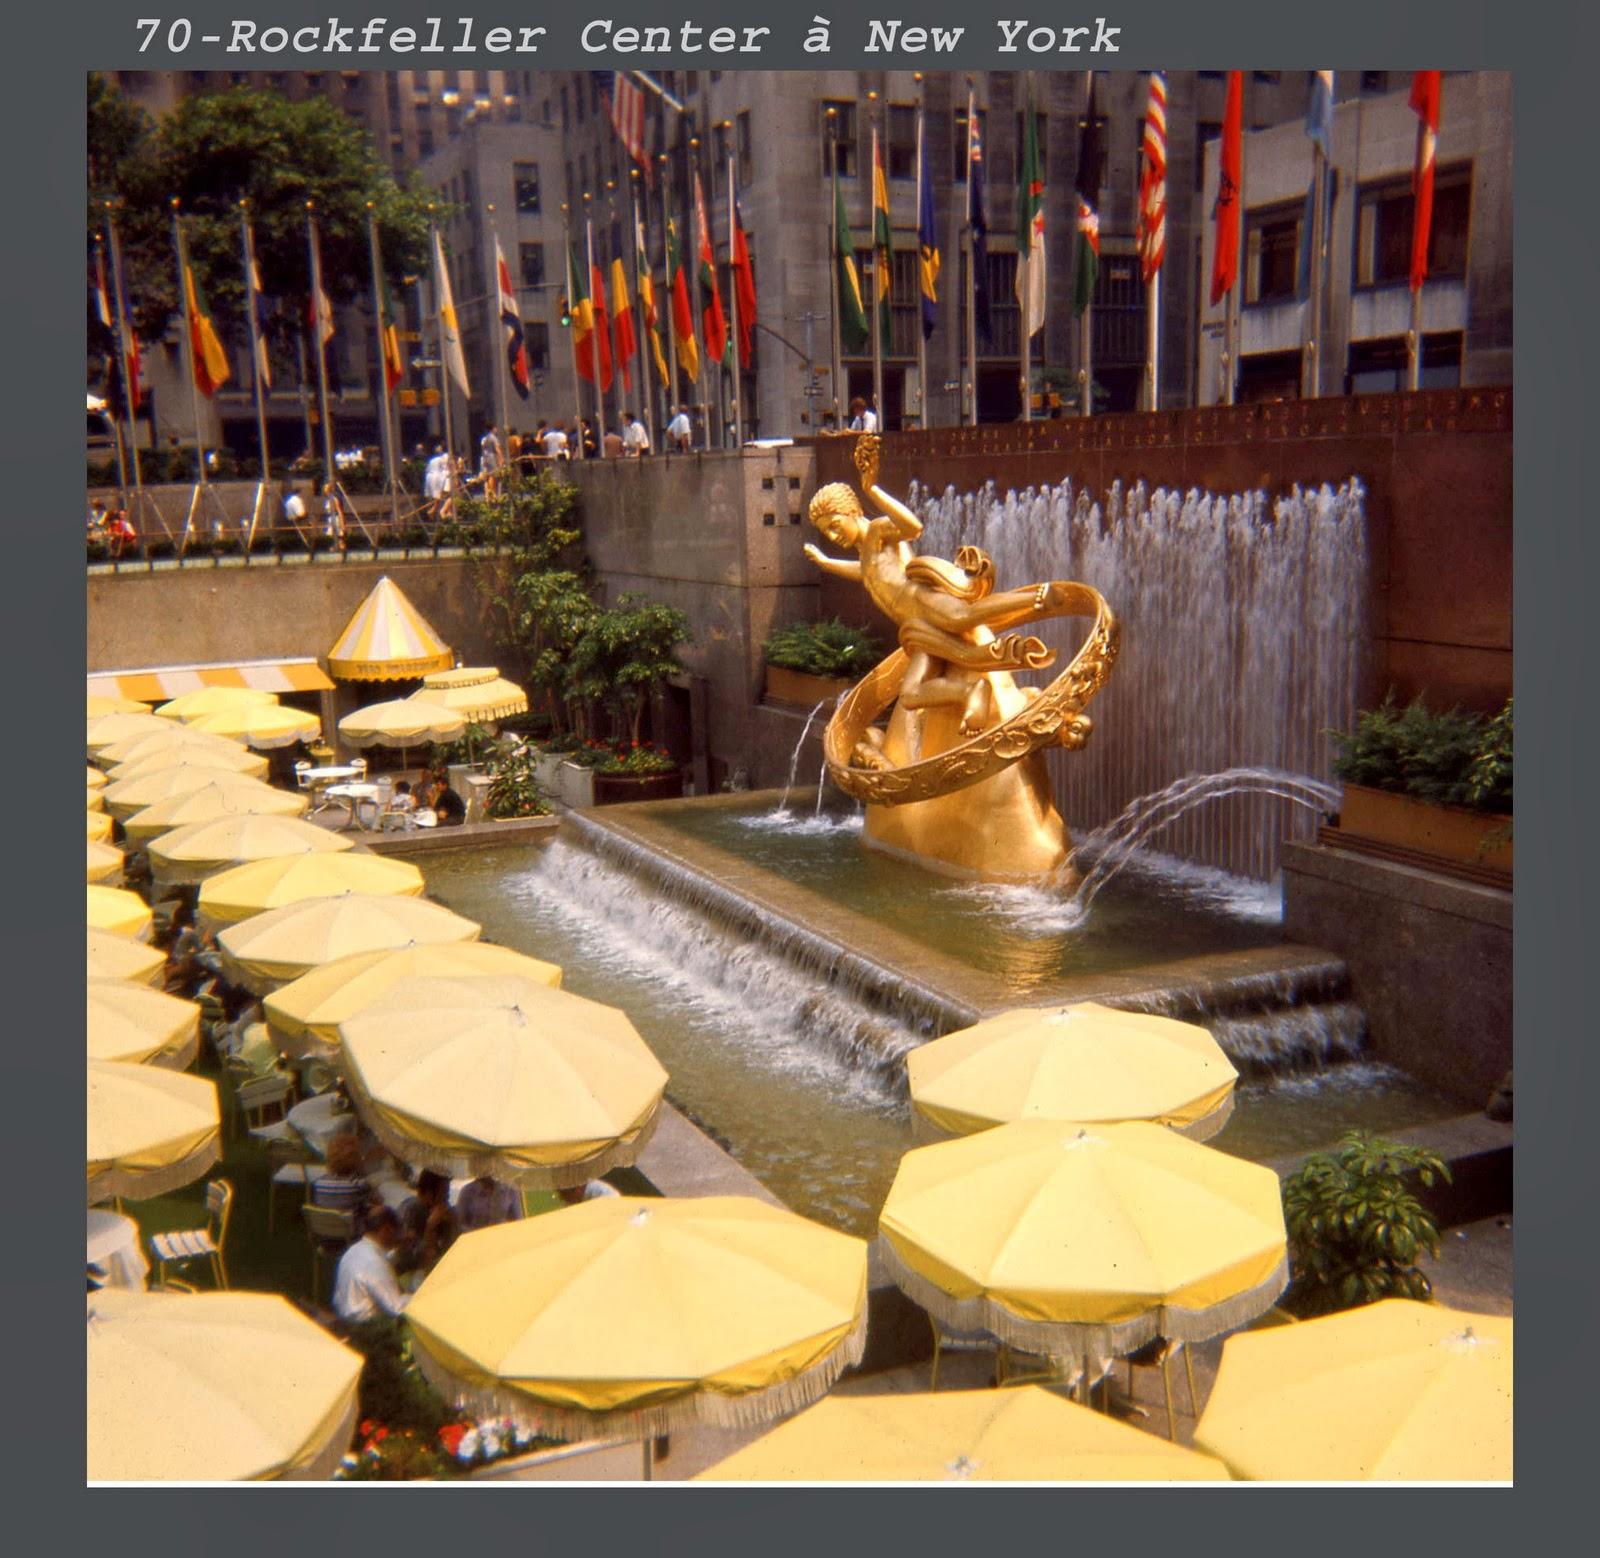 Rockefeller Center 1970